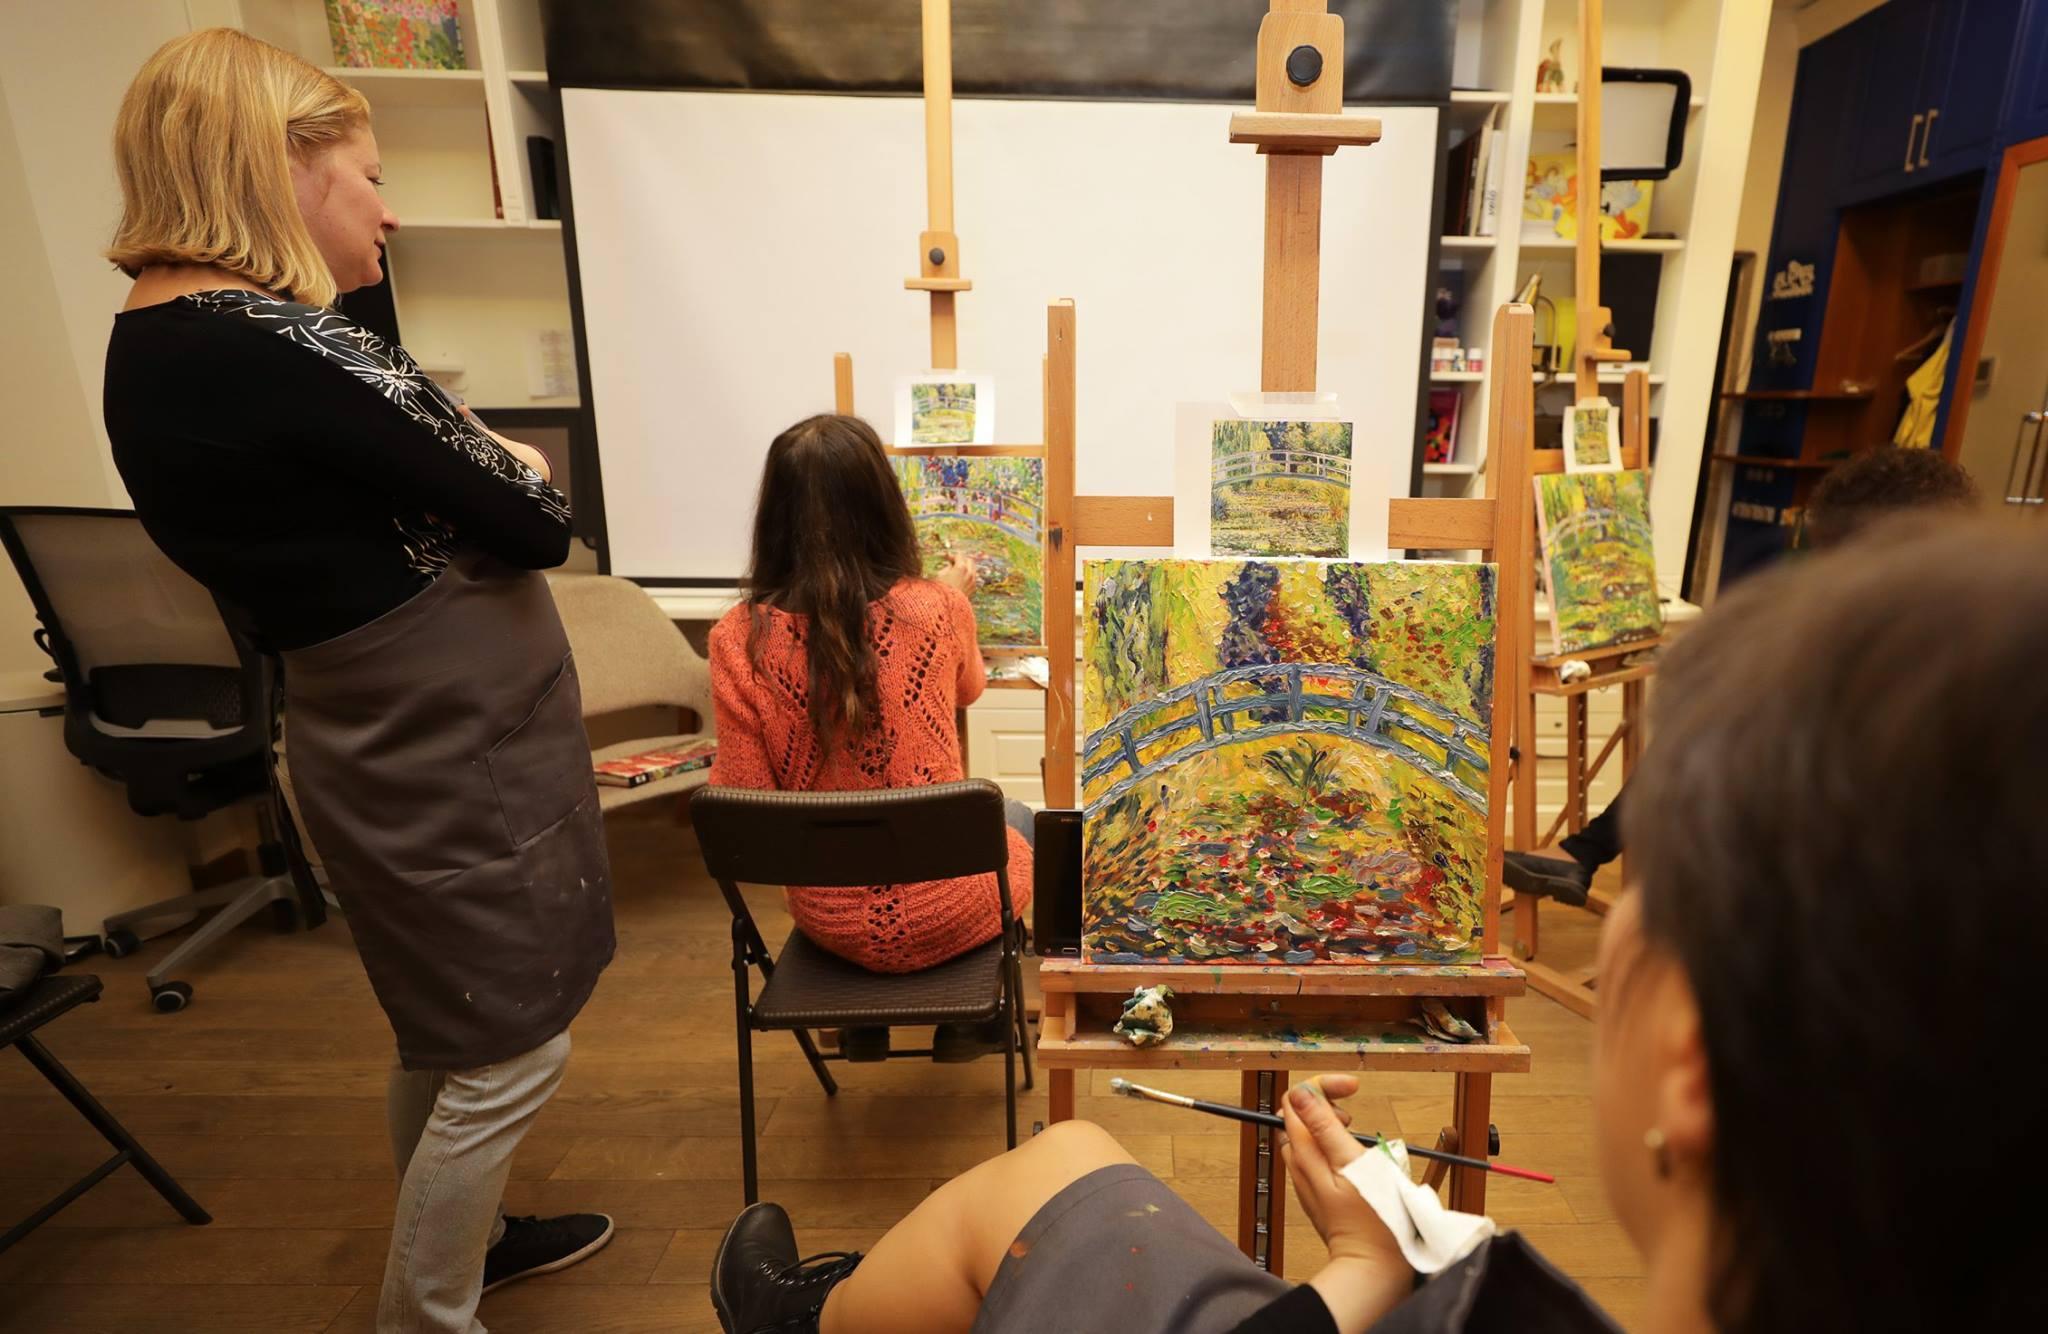 Бронирование мастерской для мастер-класса масляной живописи - фото